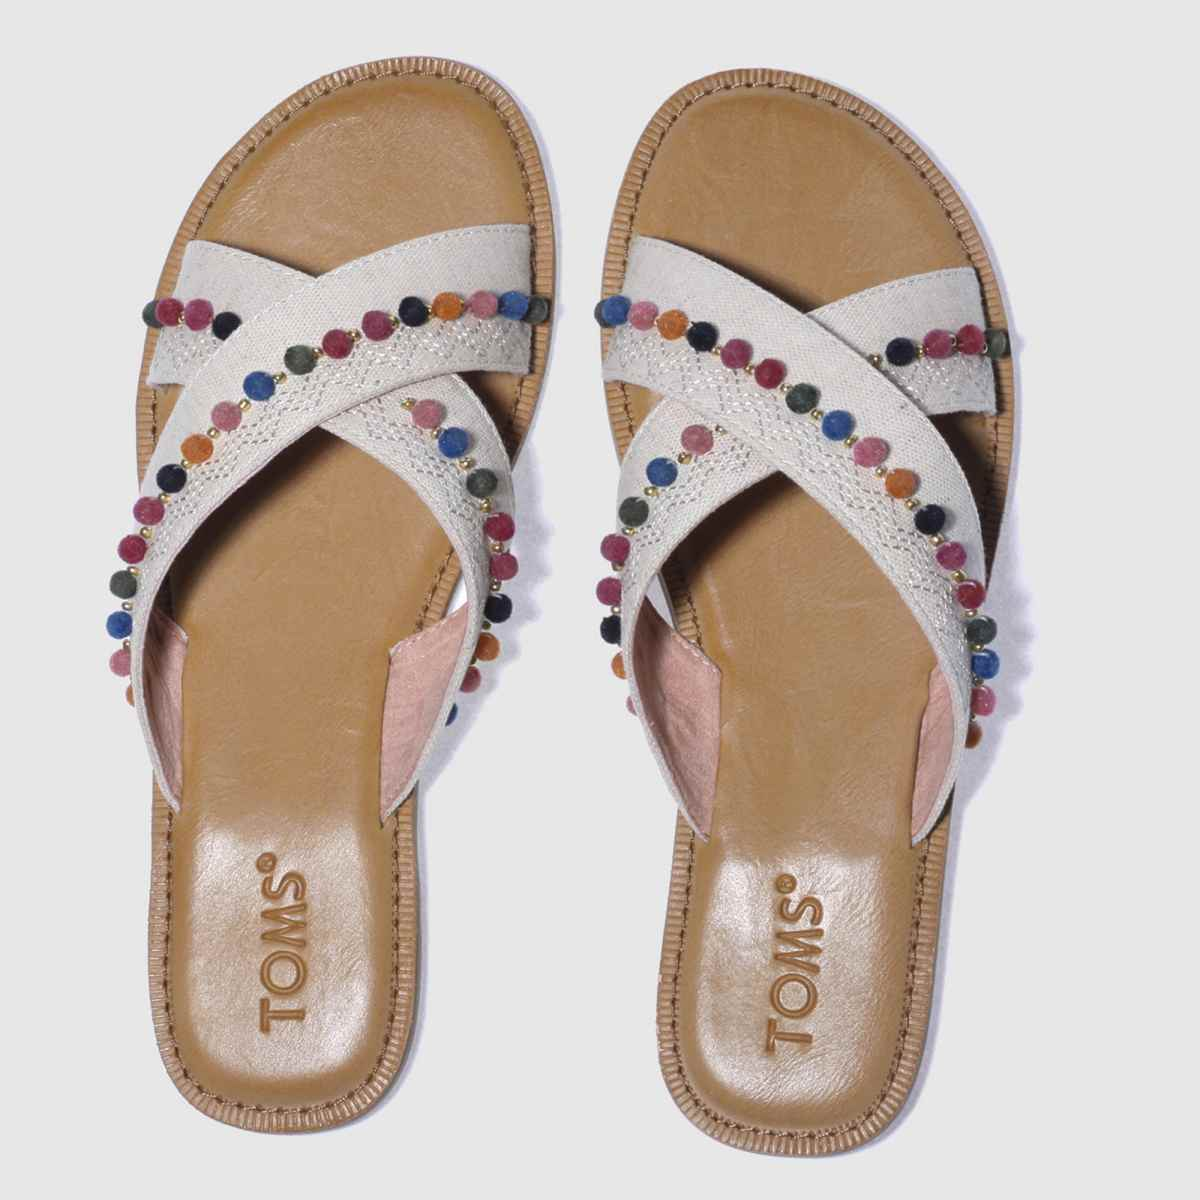 Toms Natural Viv Sandals